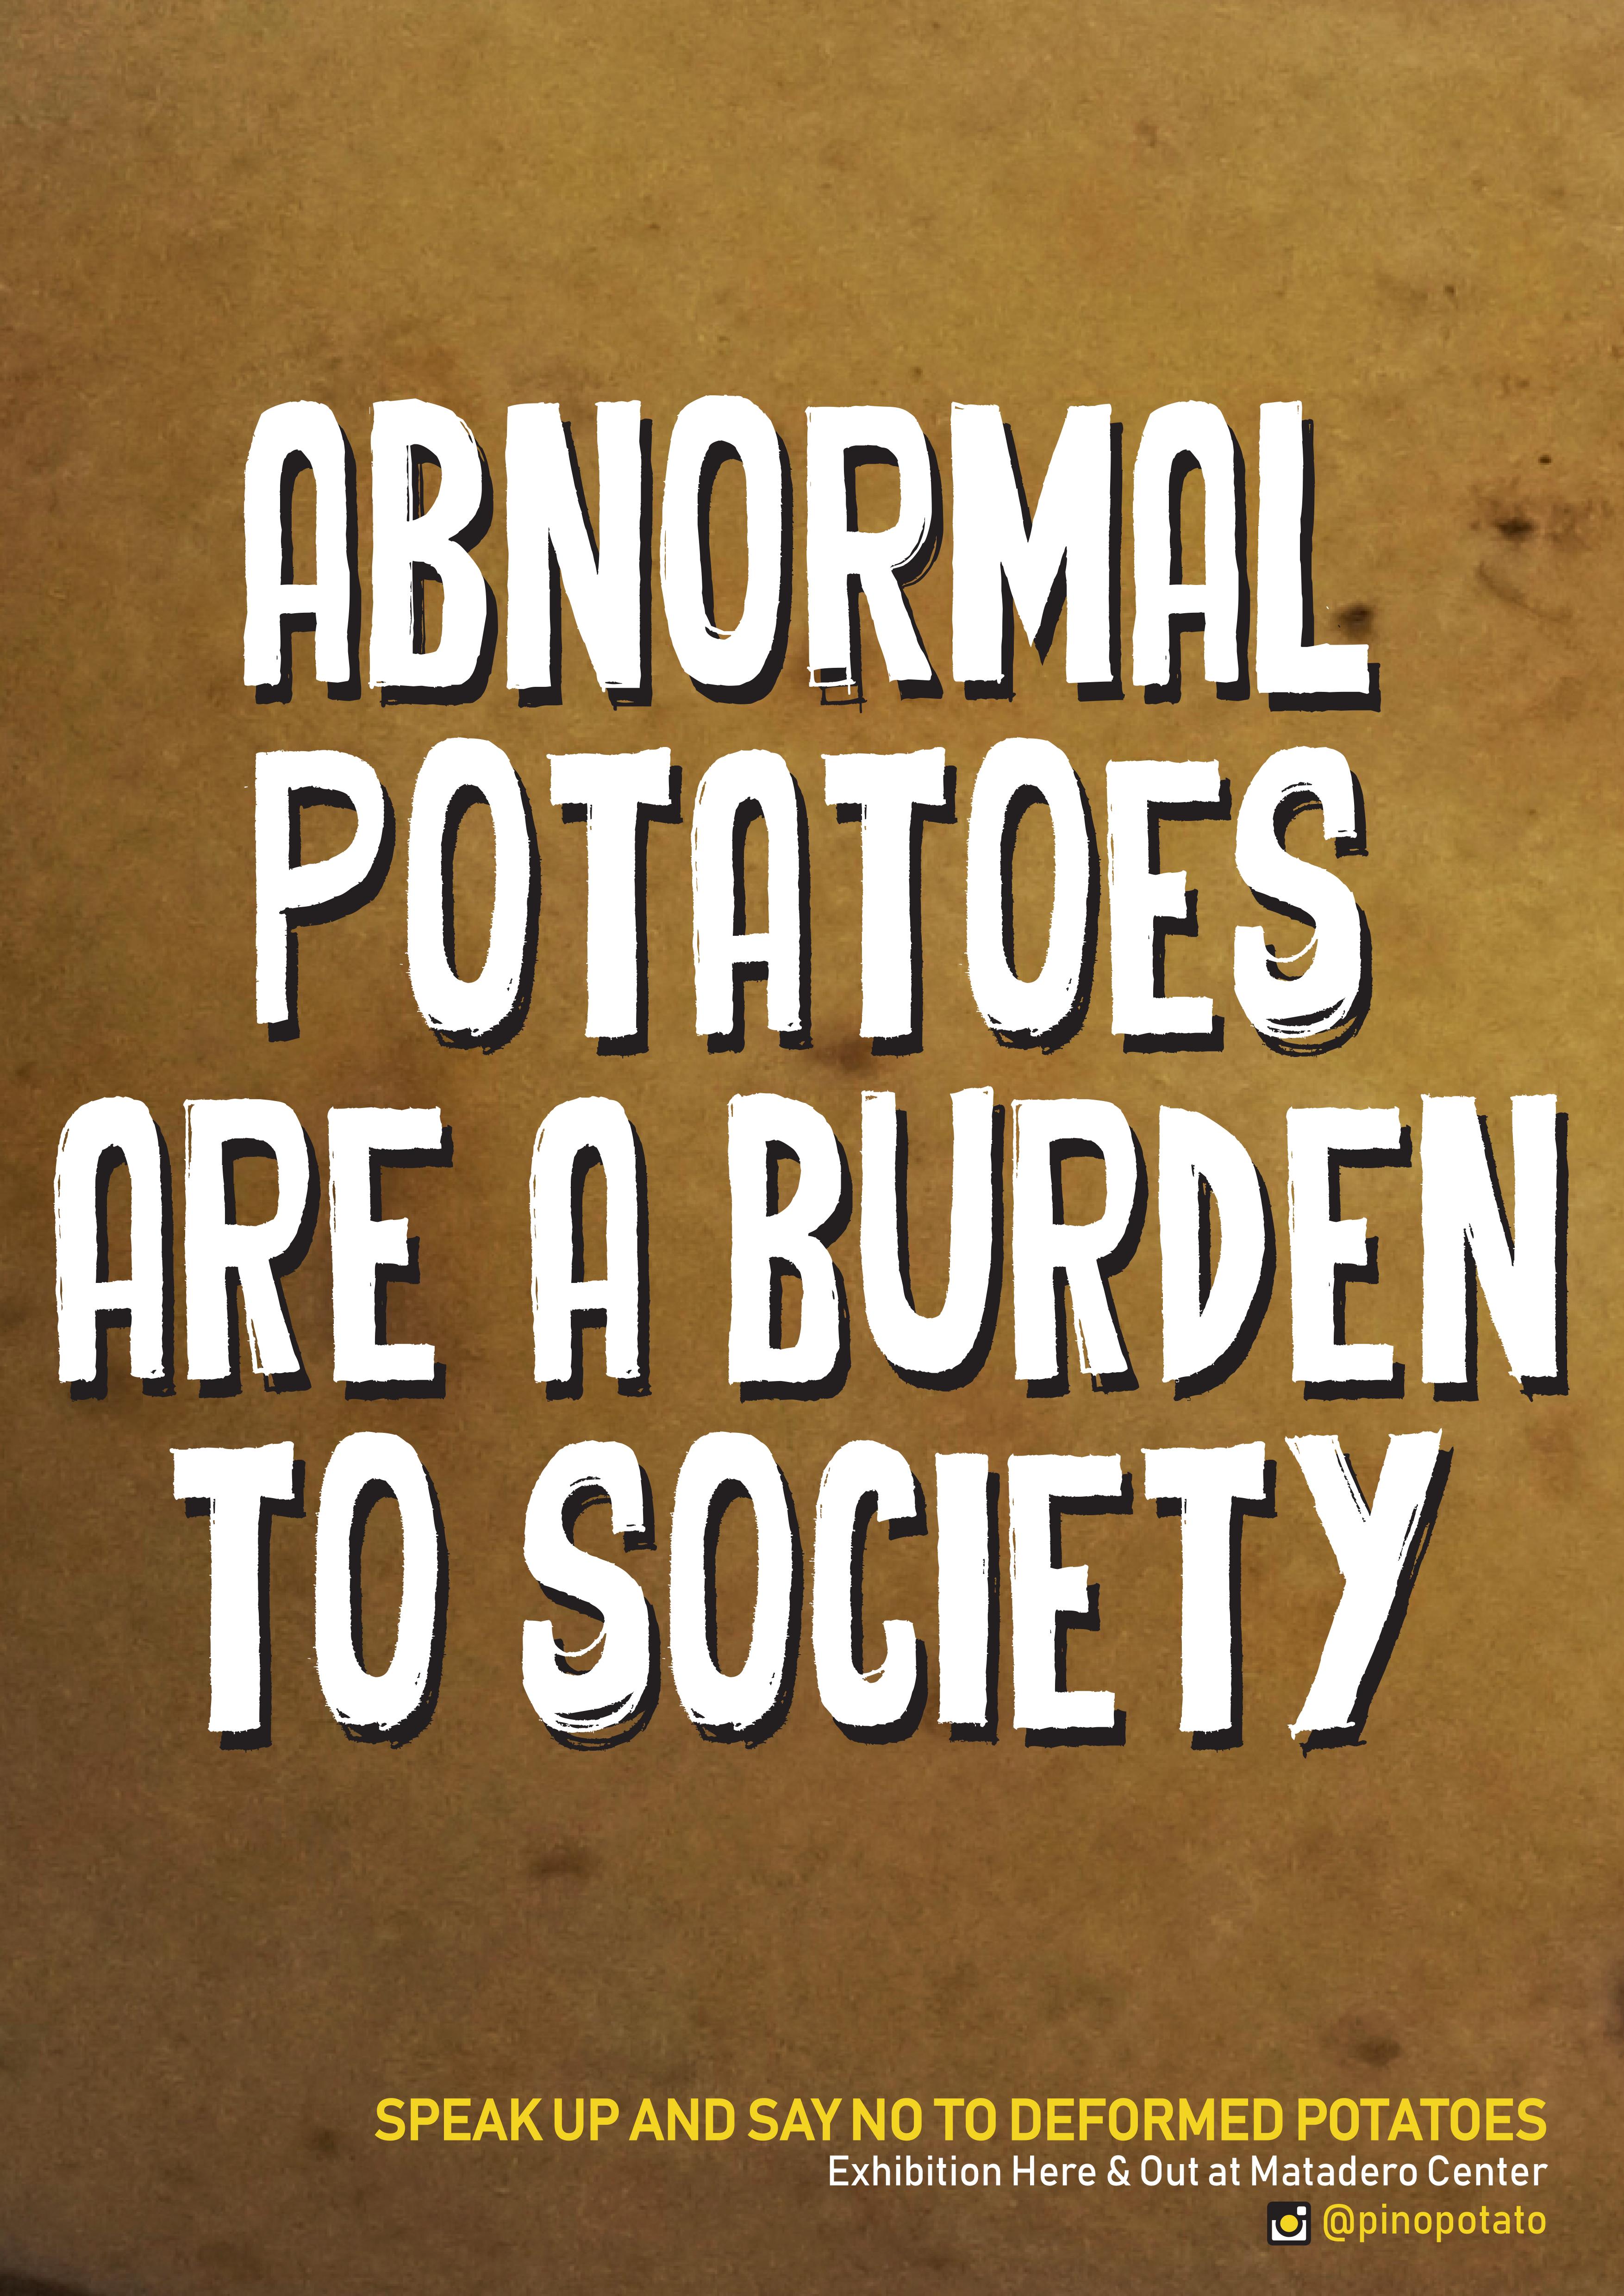 aardappelposters-22